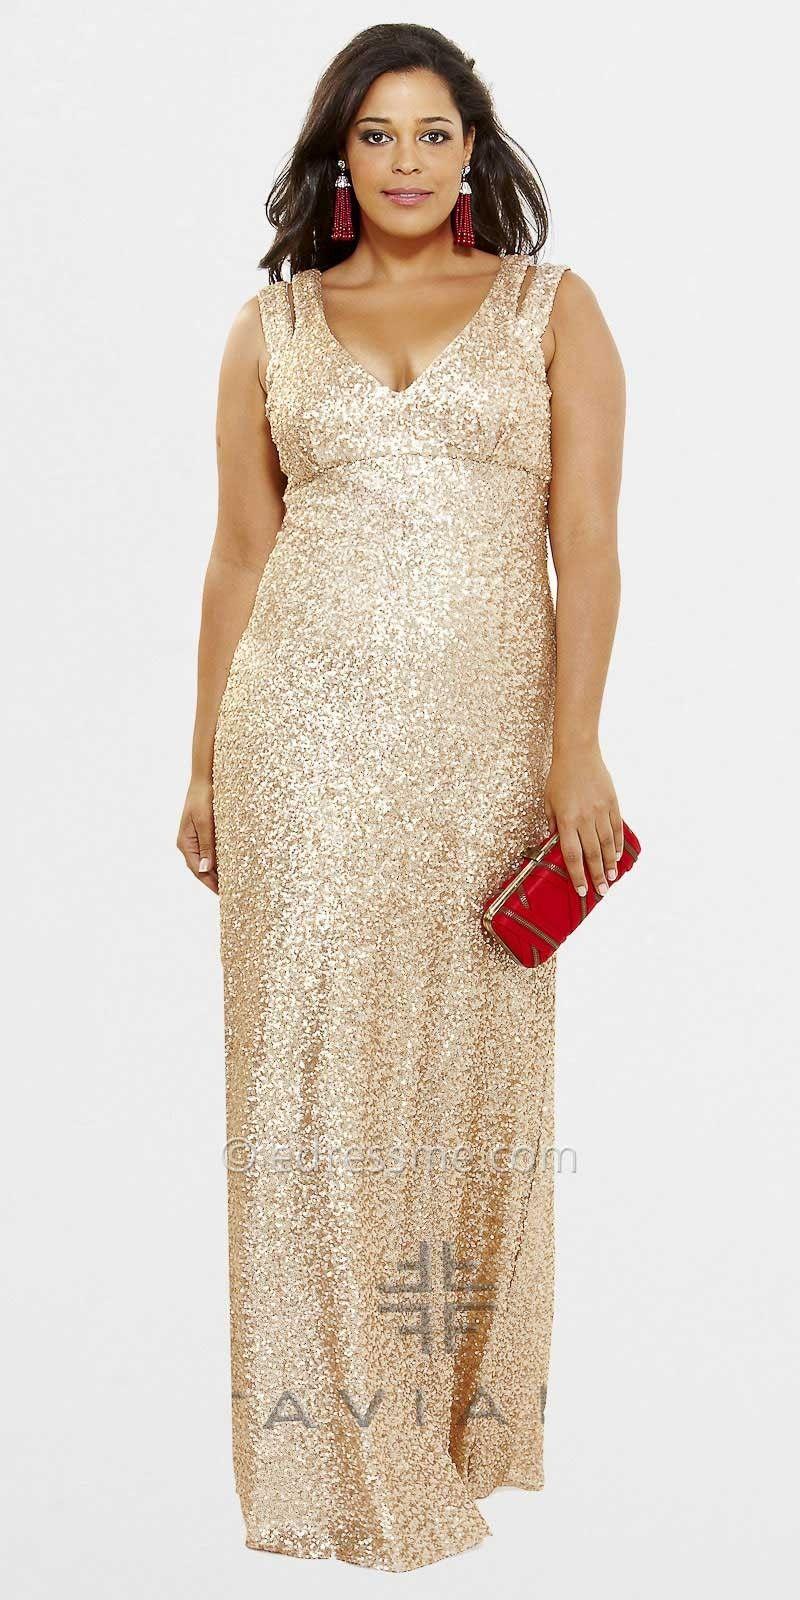 Plus size evening gowns double strap sequin plus size evening